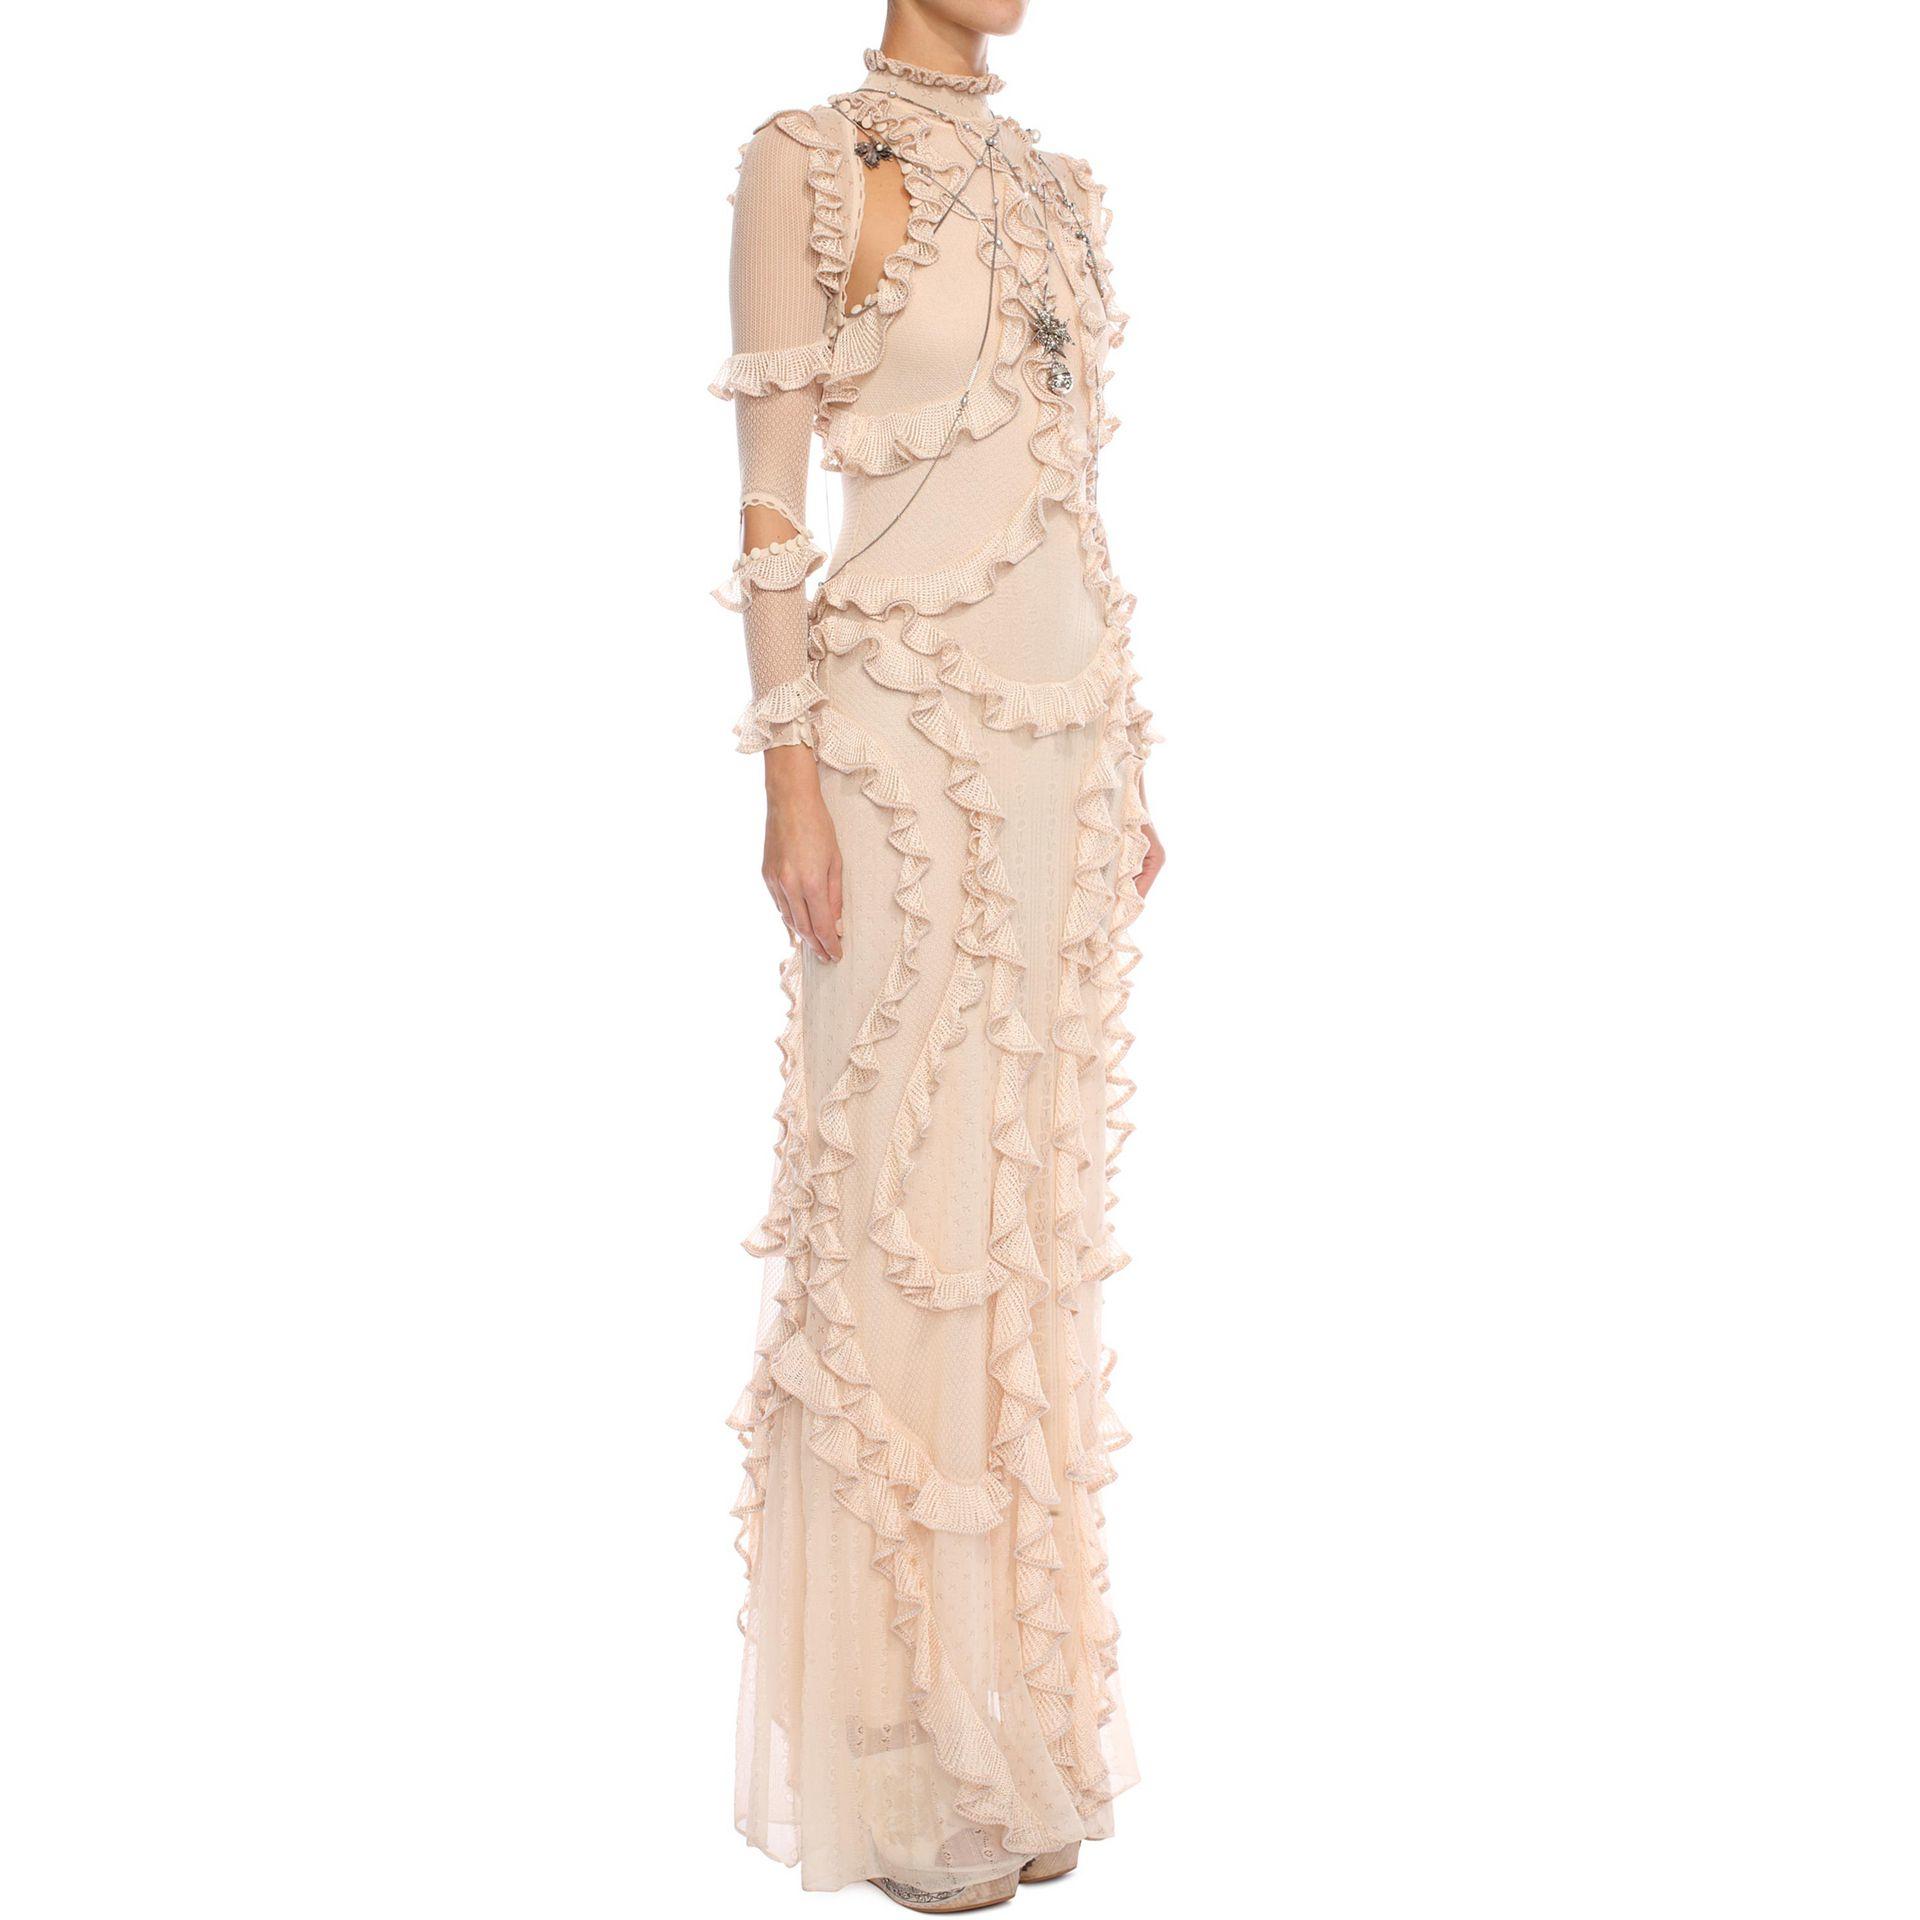 Alexander mcqueen 3 4 sleeve ruffle long dress in natural lyst